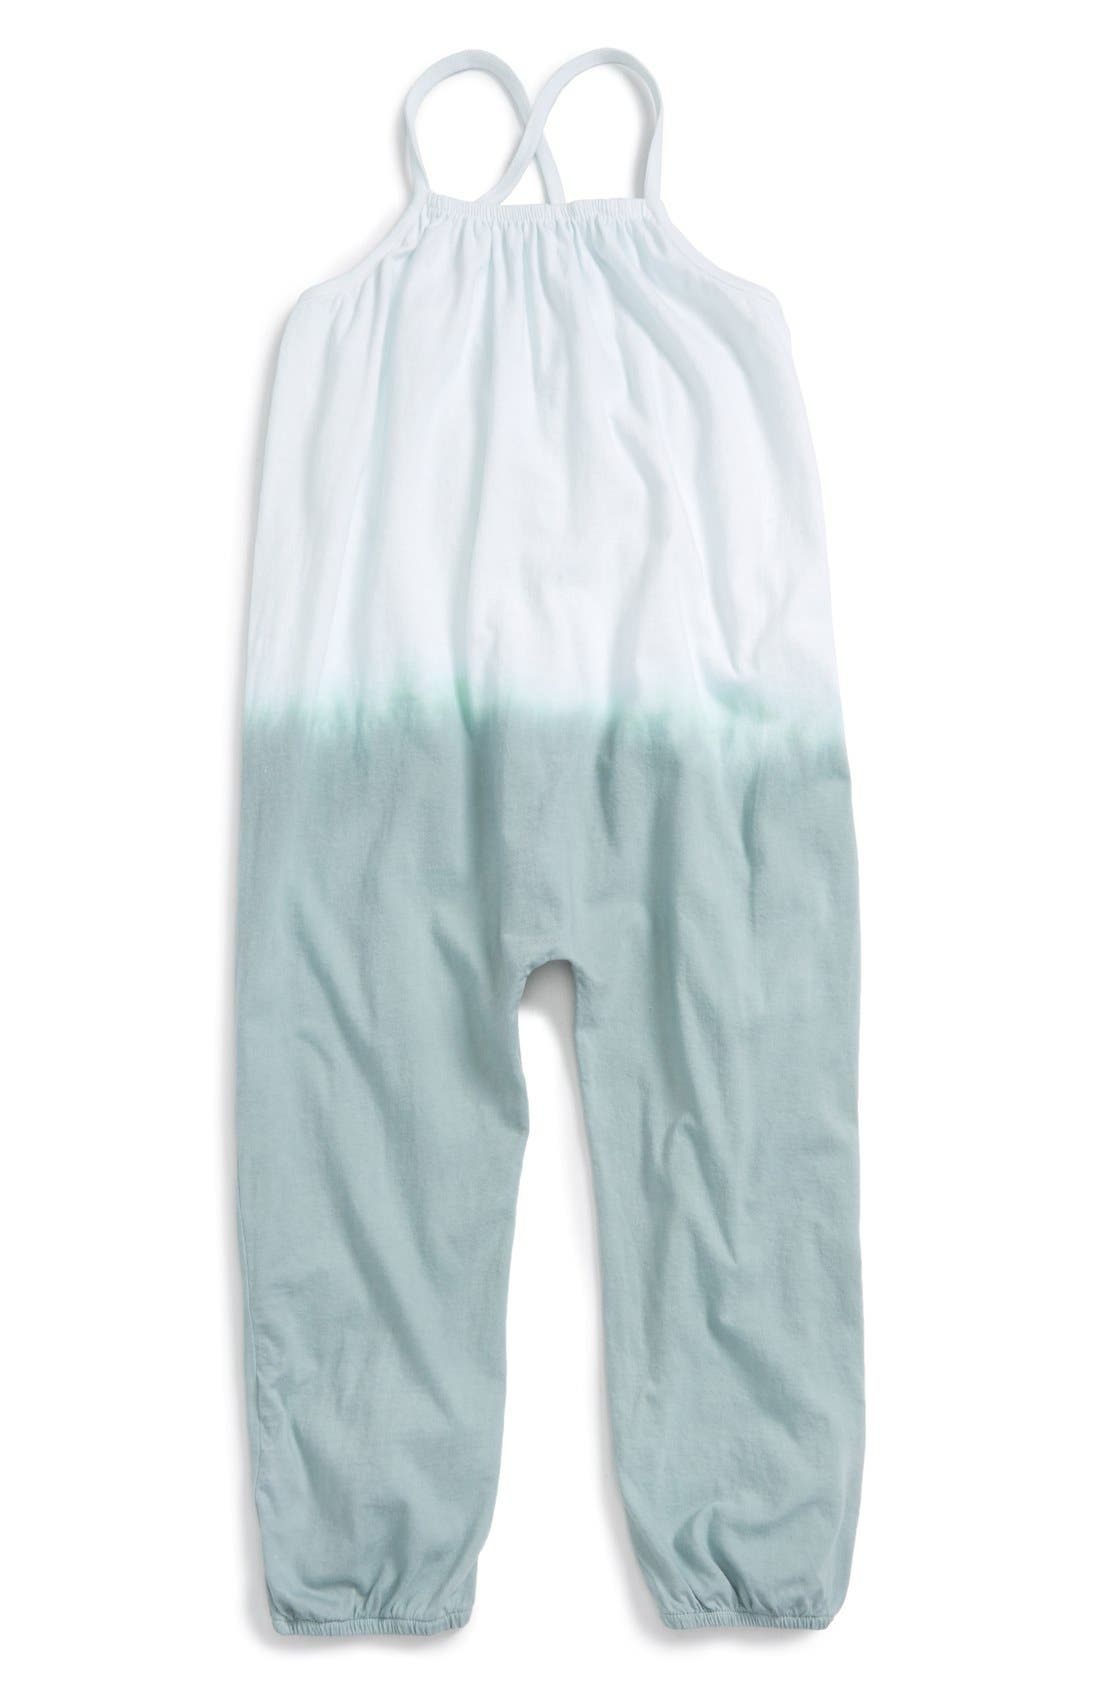 Alternate Image 1 Selected - Burt's Bees Baby Dip Dye Sleeveless Jumpsuit (Toddler Girls & Little Girls)